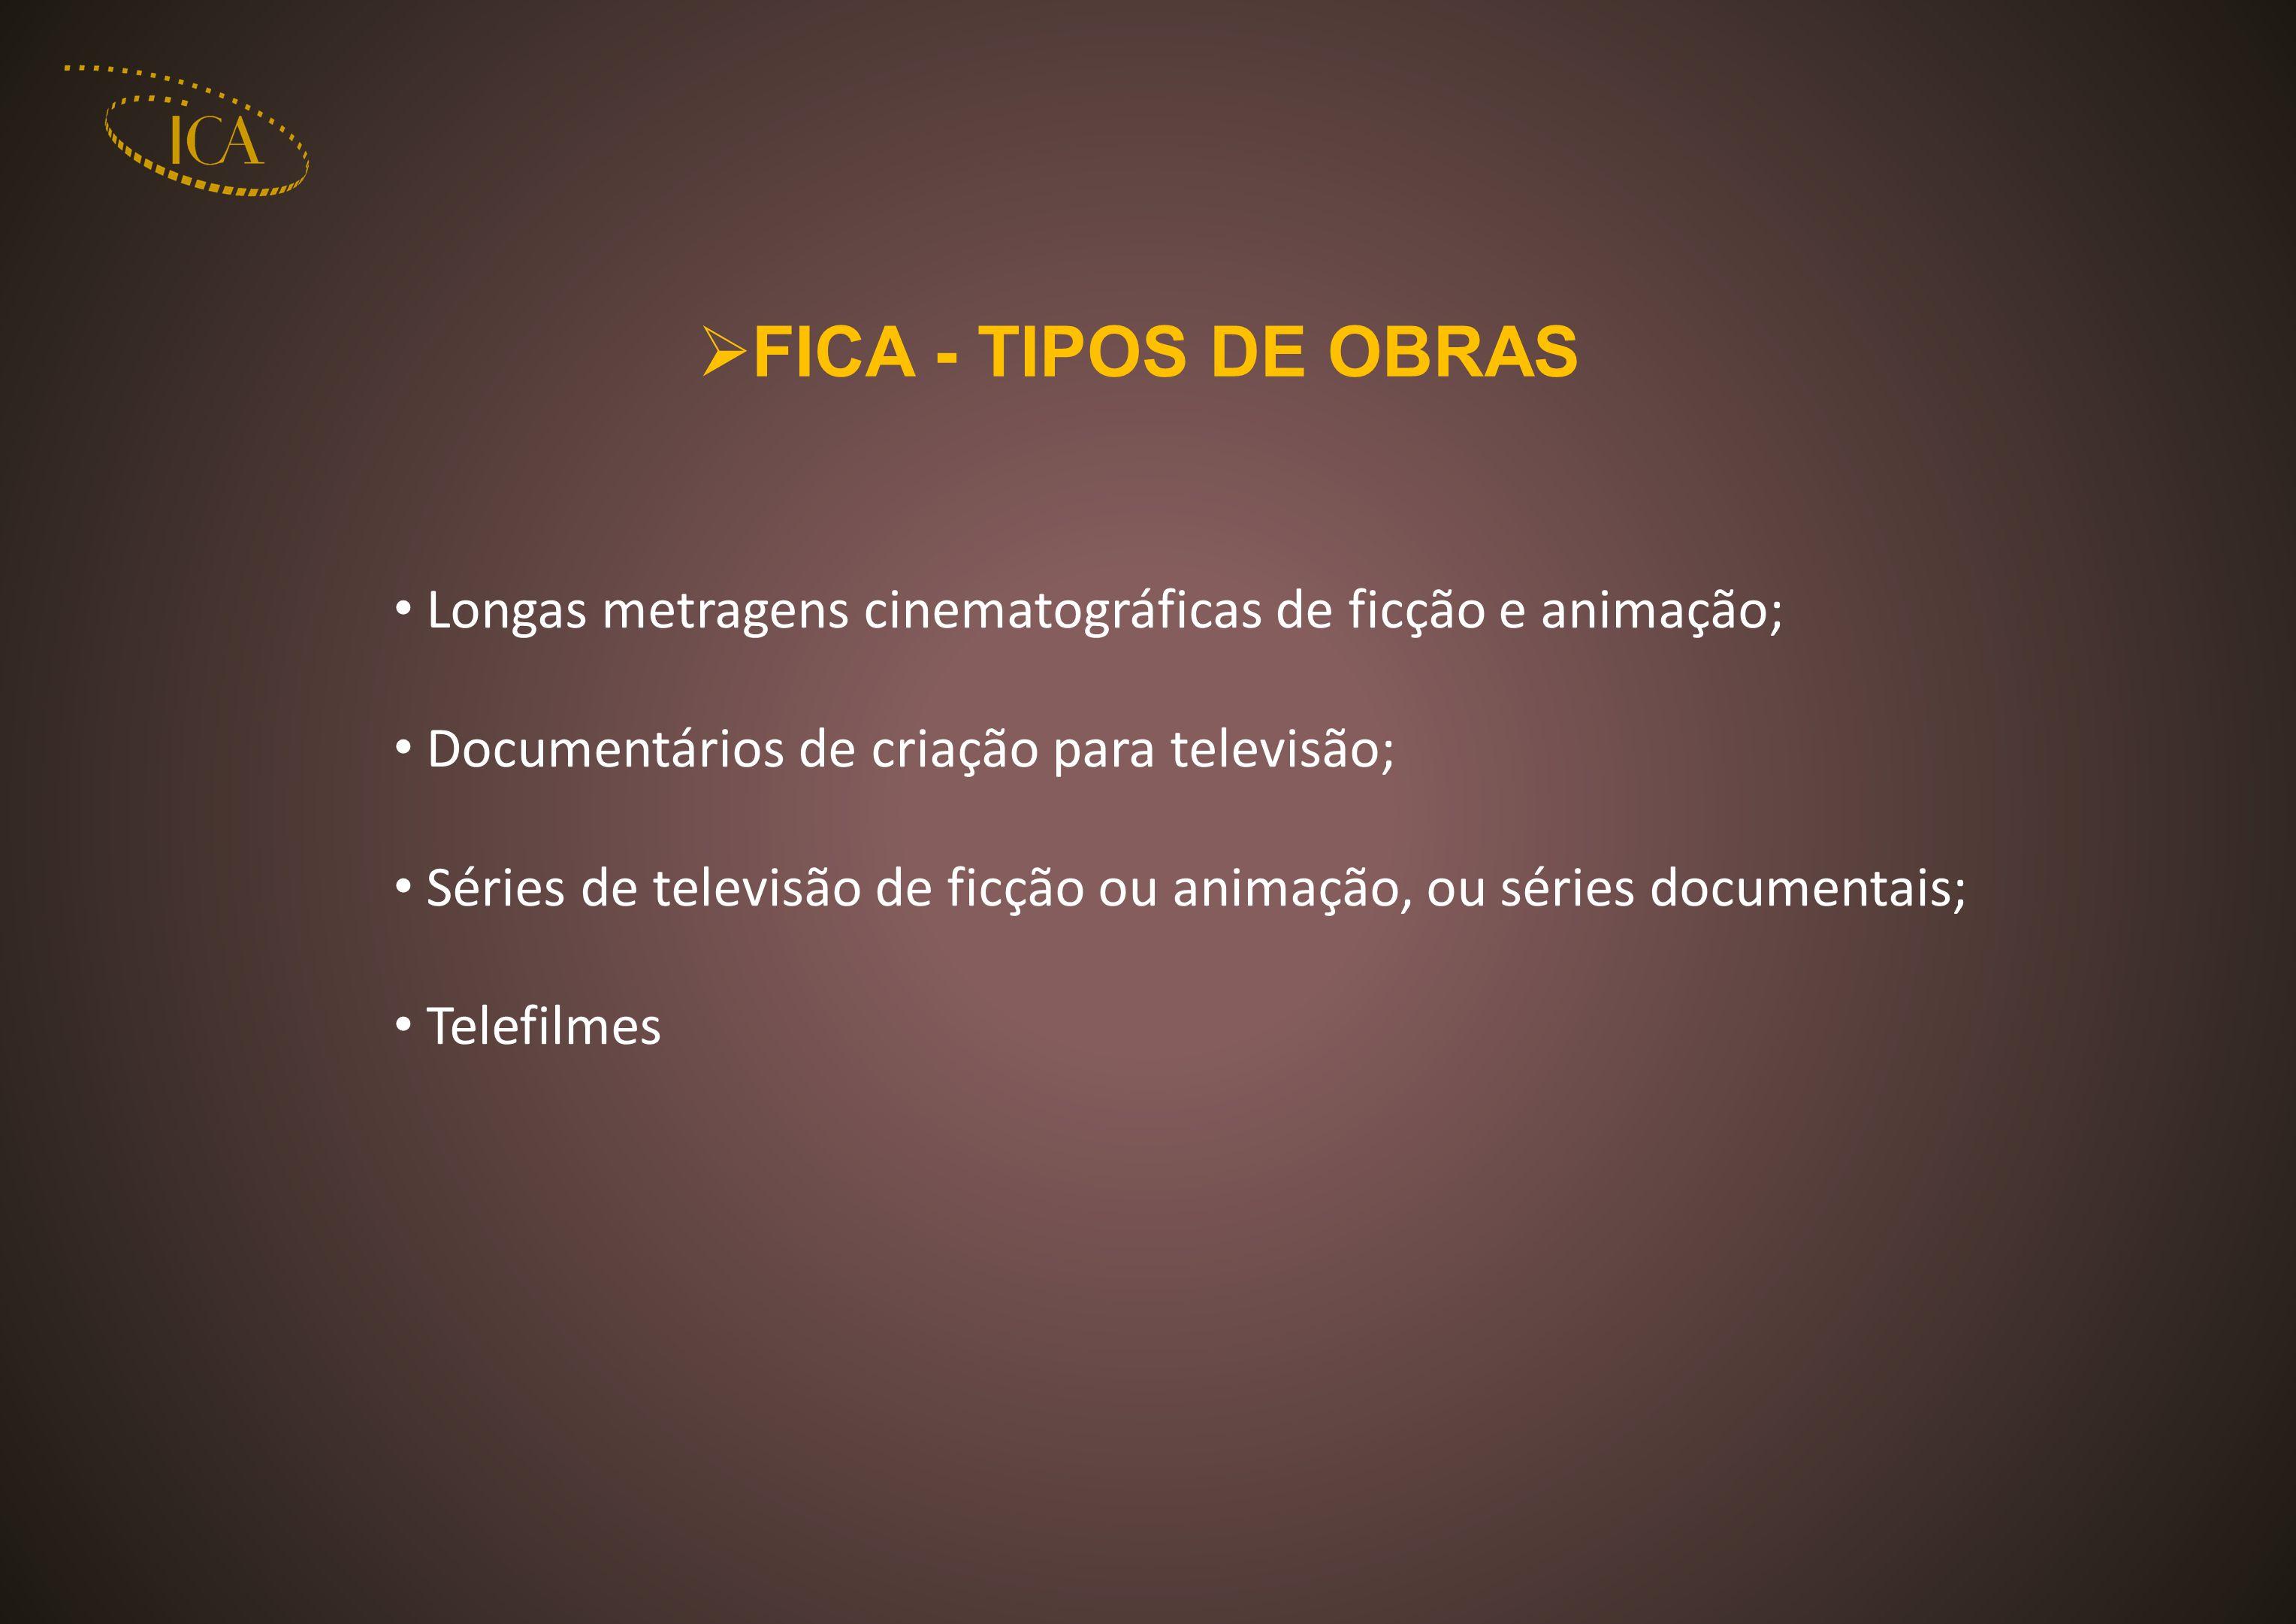 FICA - TIPOS DE OBRAS Longas metragens cinematográficas de ficção e animação; Documentários de criação para televisão; Séries de televisão de ficção ou animação, ou séries documentais; Telefilmes